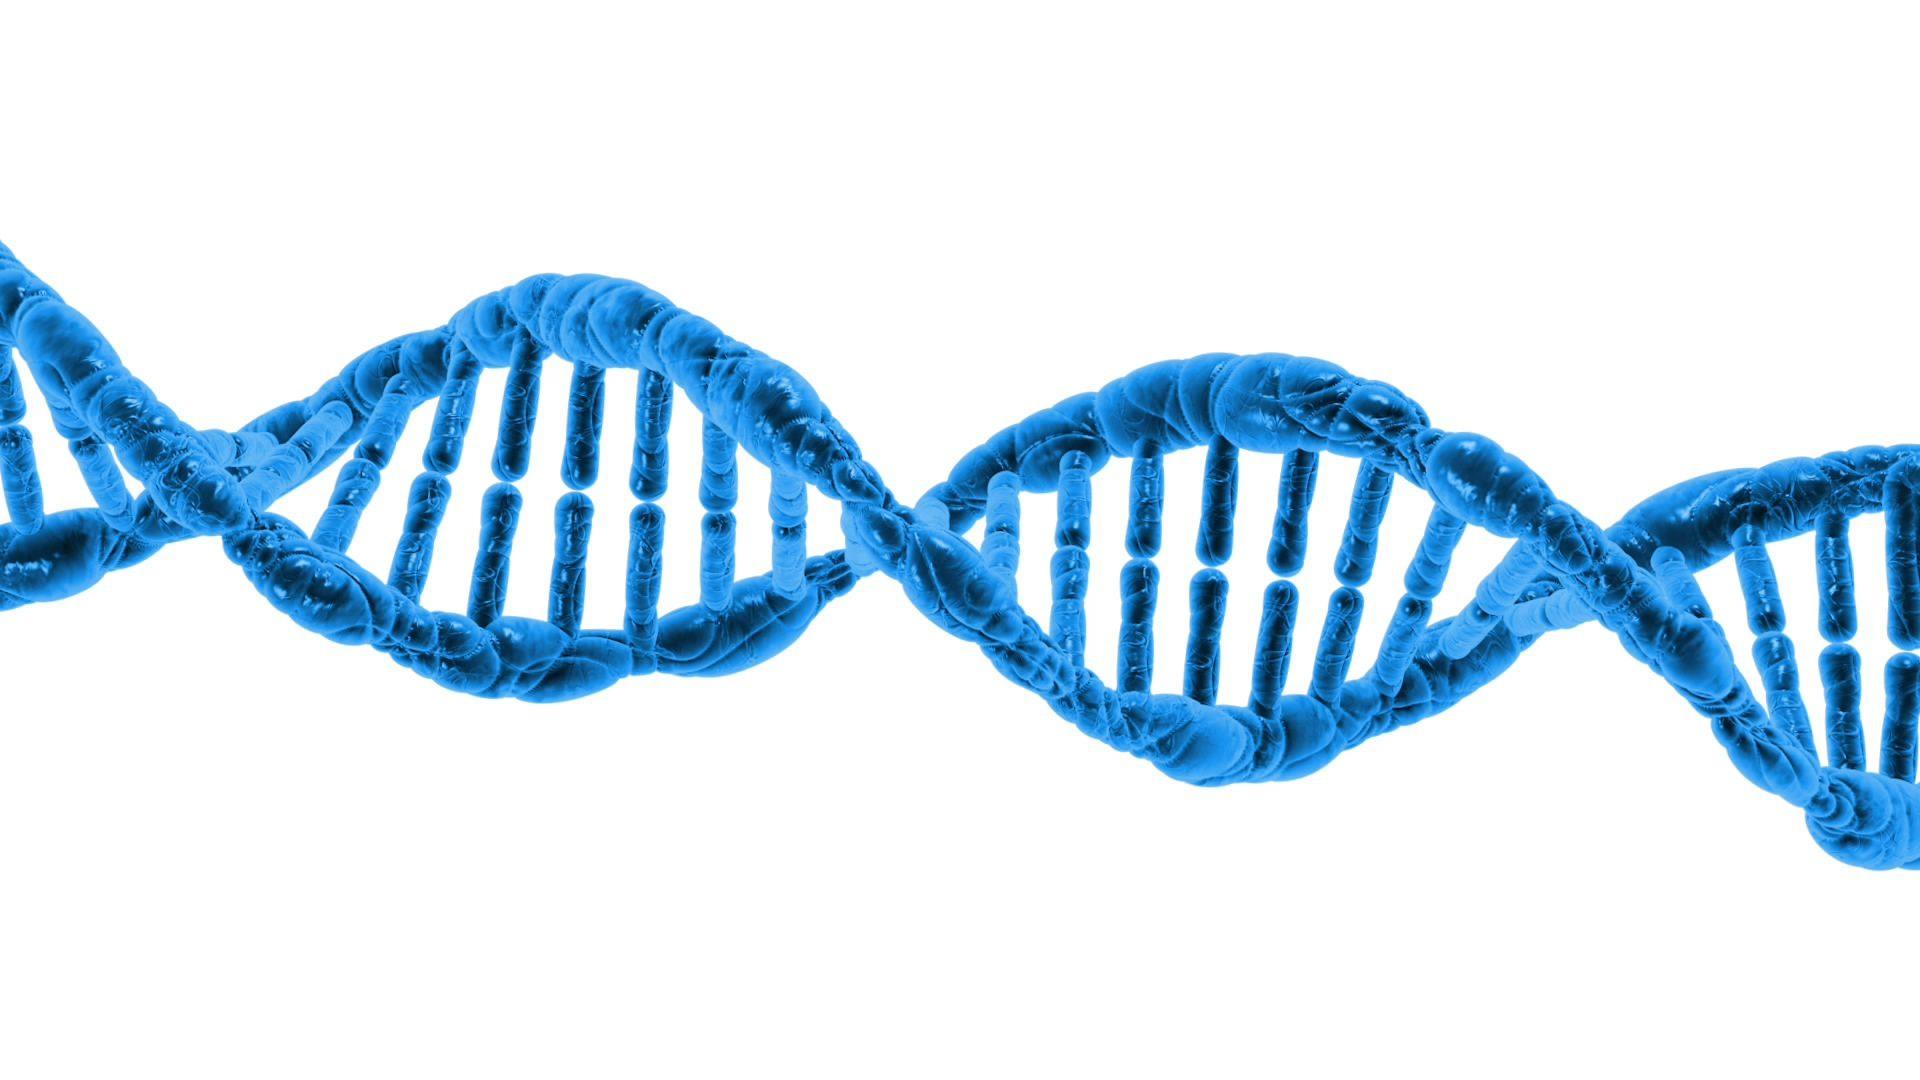 Nutrigenetics, Nutrigenomics, & Chiropractic Care